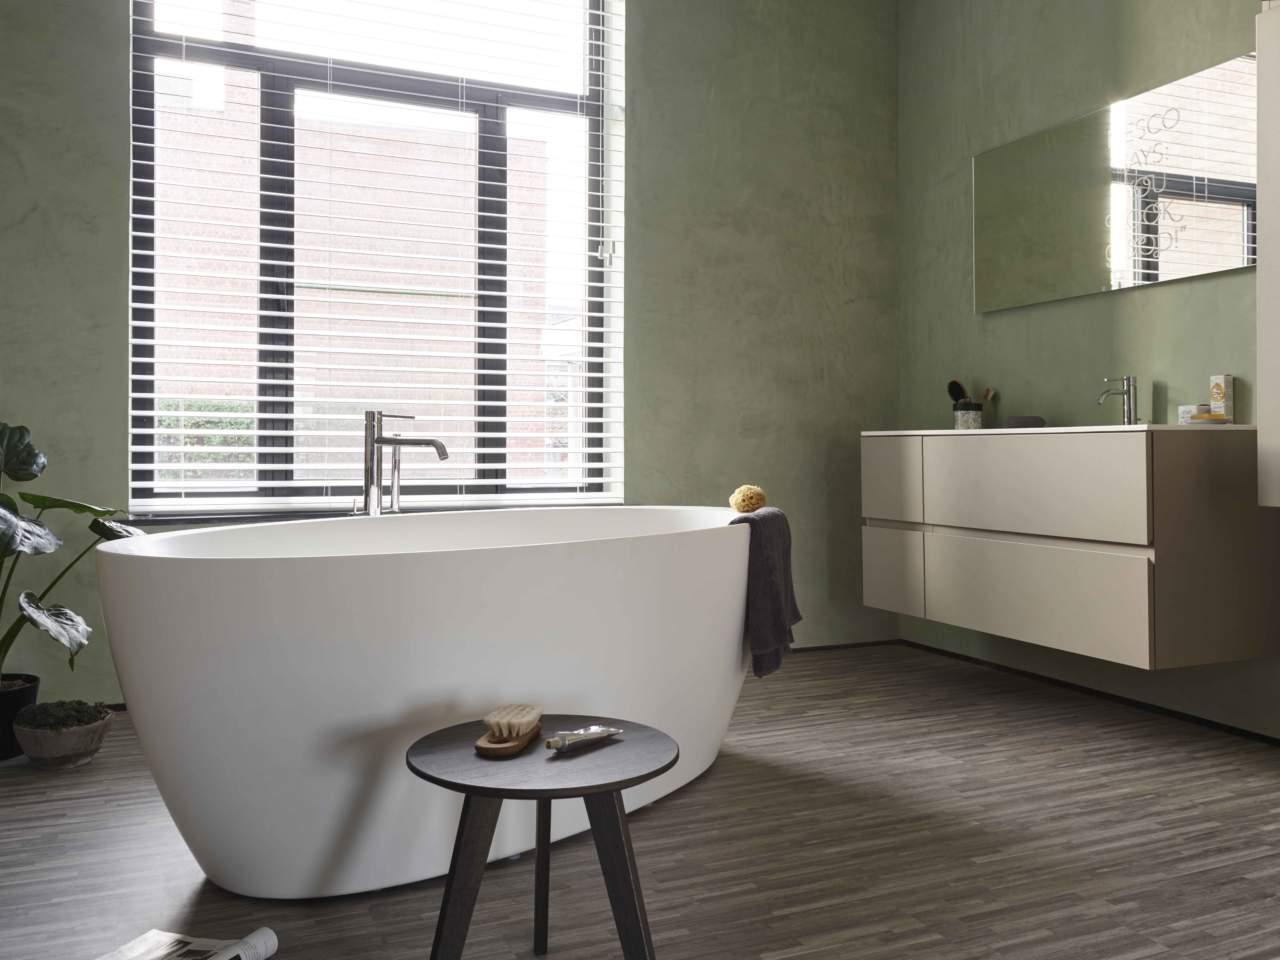 Pavimento in laminato impermeabile riviera by berryalloc - Pavimento laminato in bagno ...